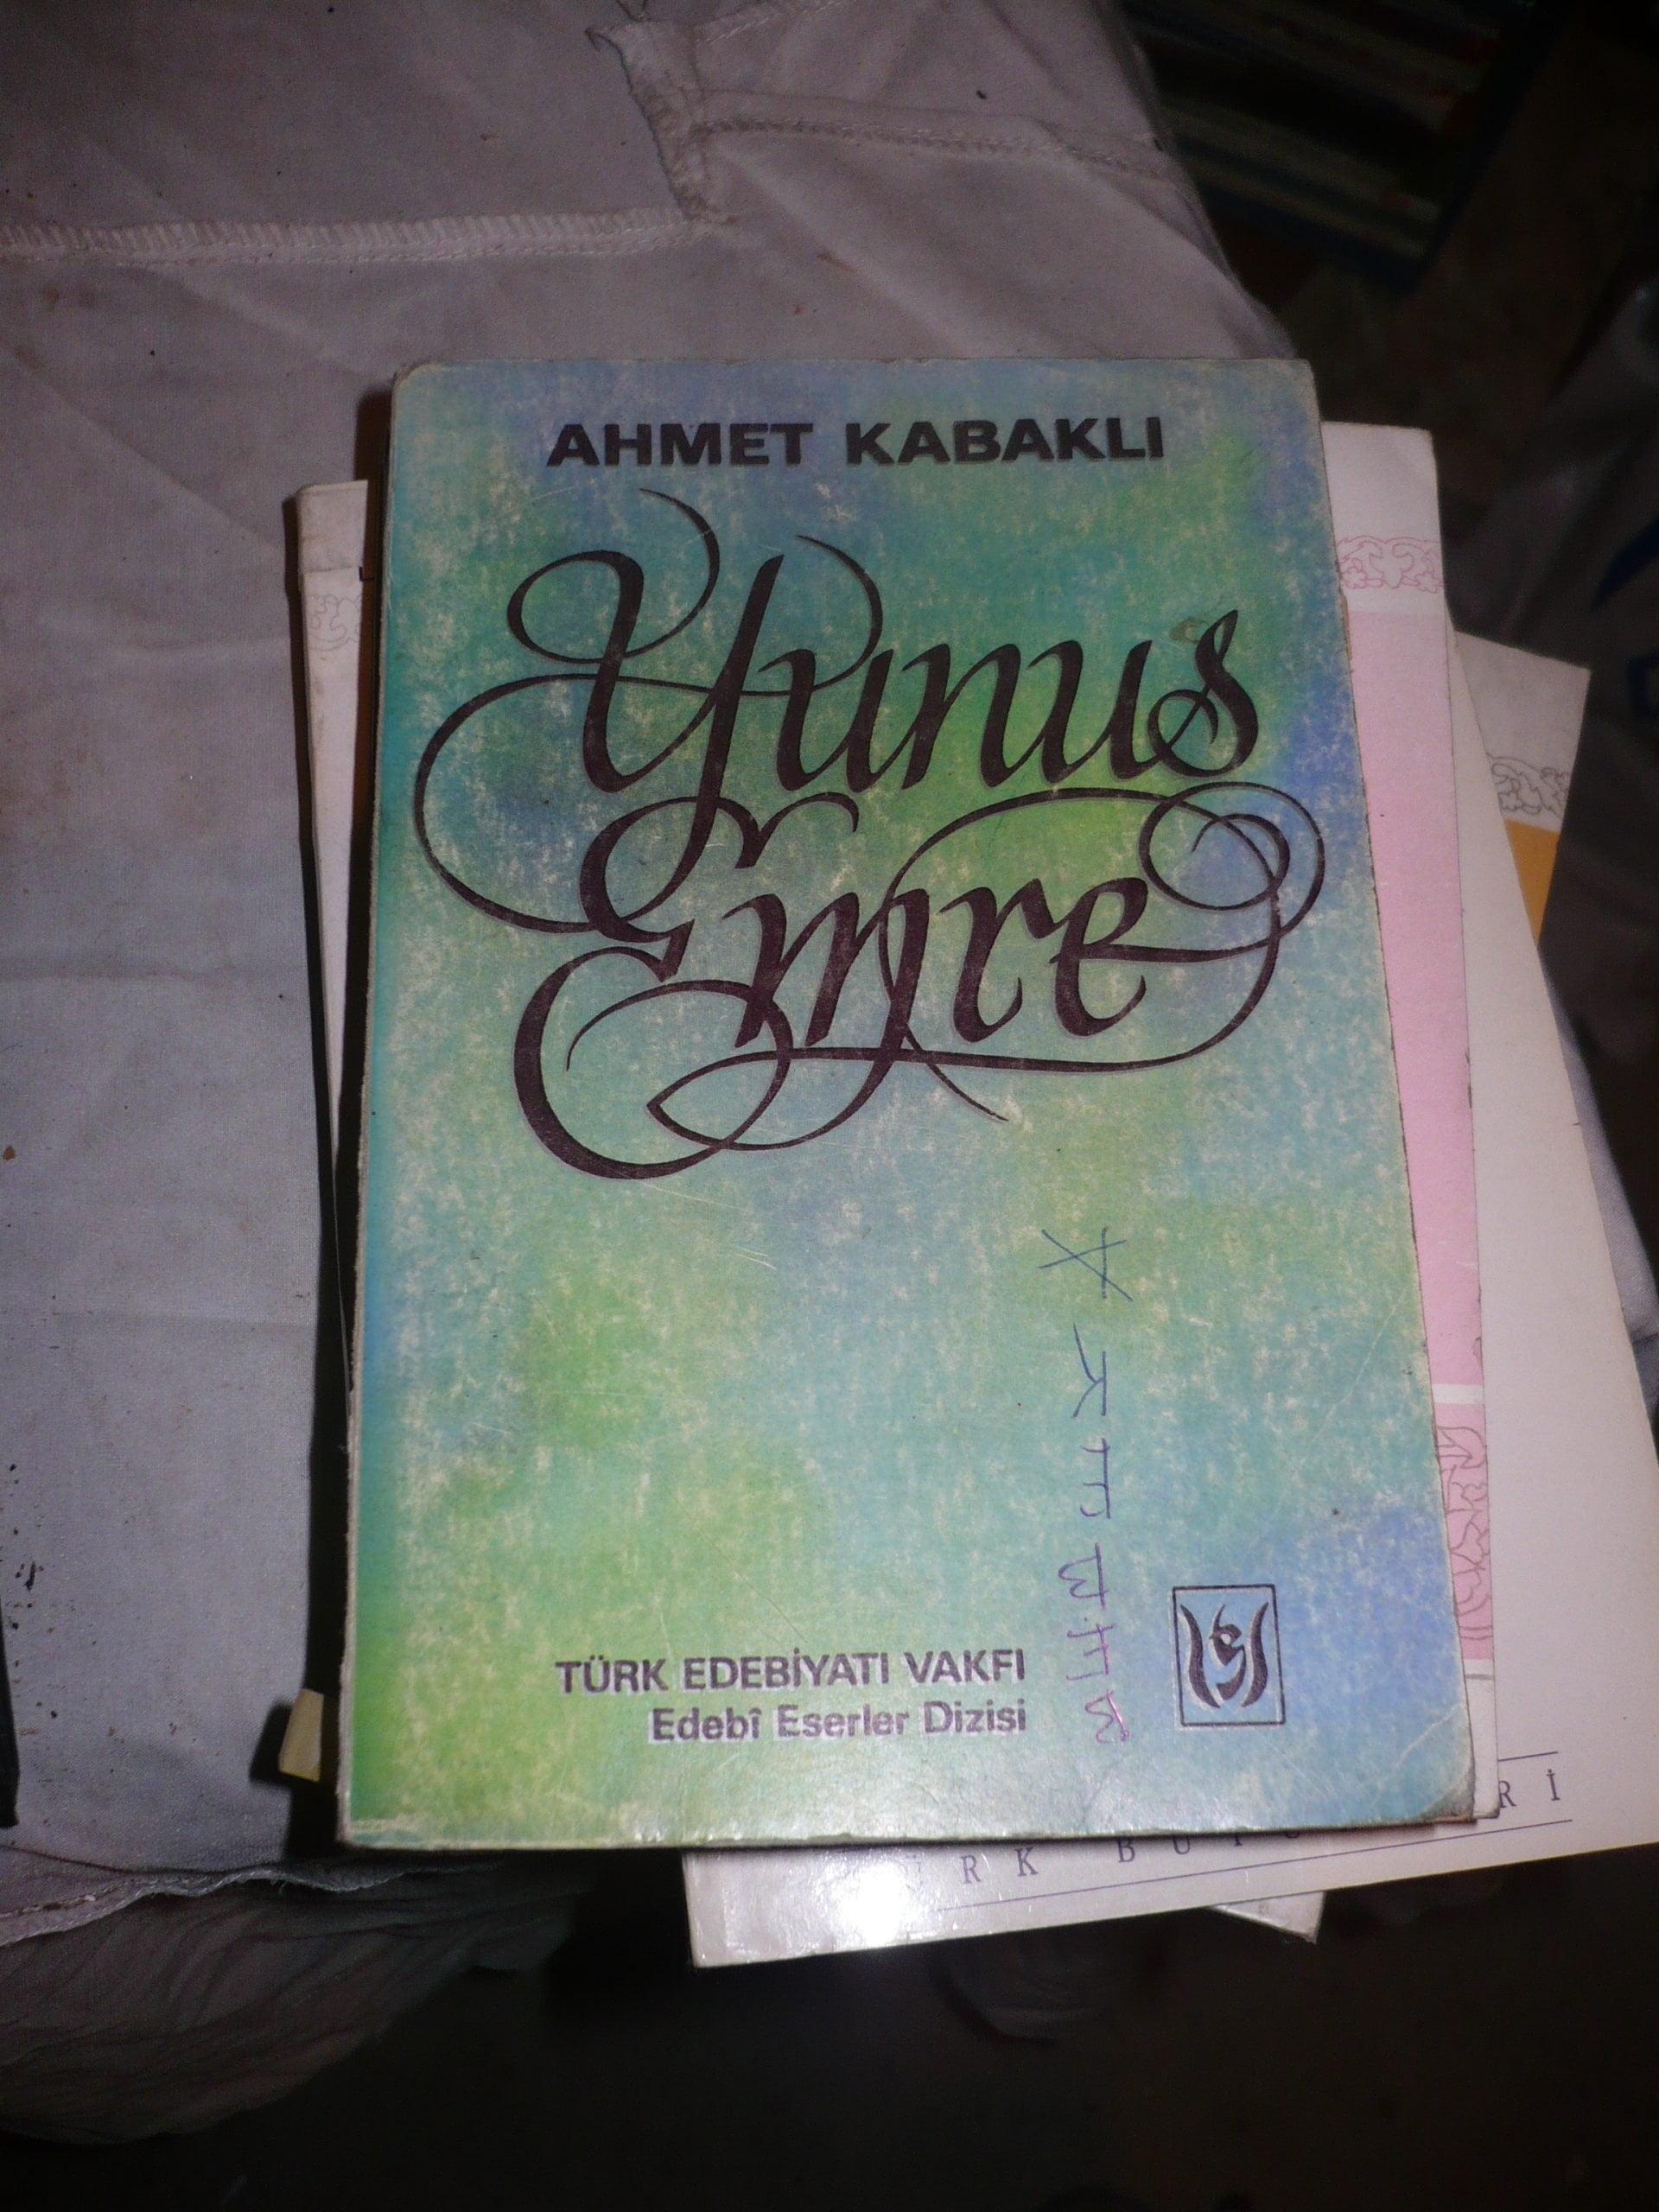 YUNUS EMRE/Ahmet KABAKLI/15 TL